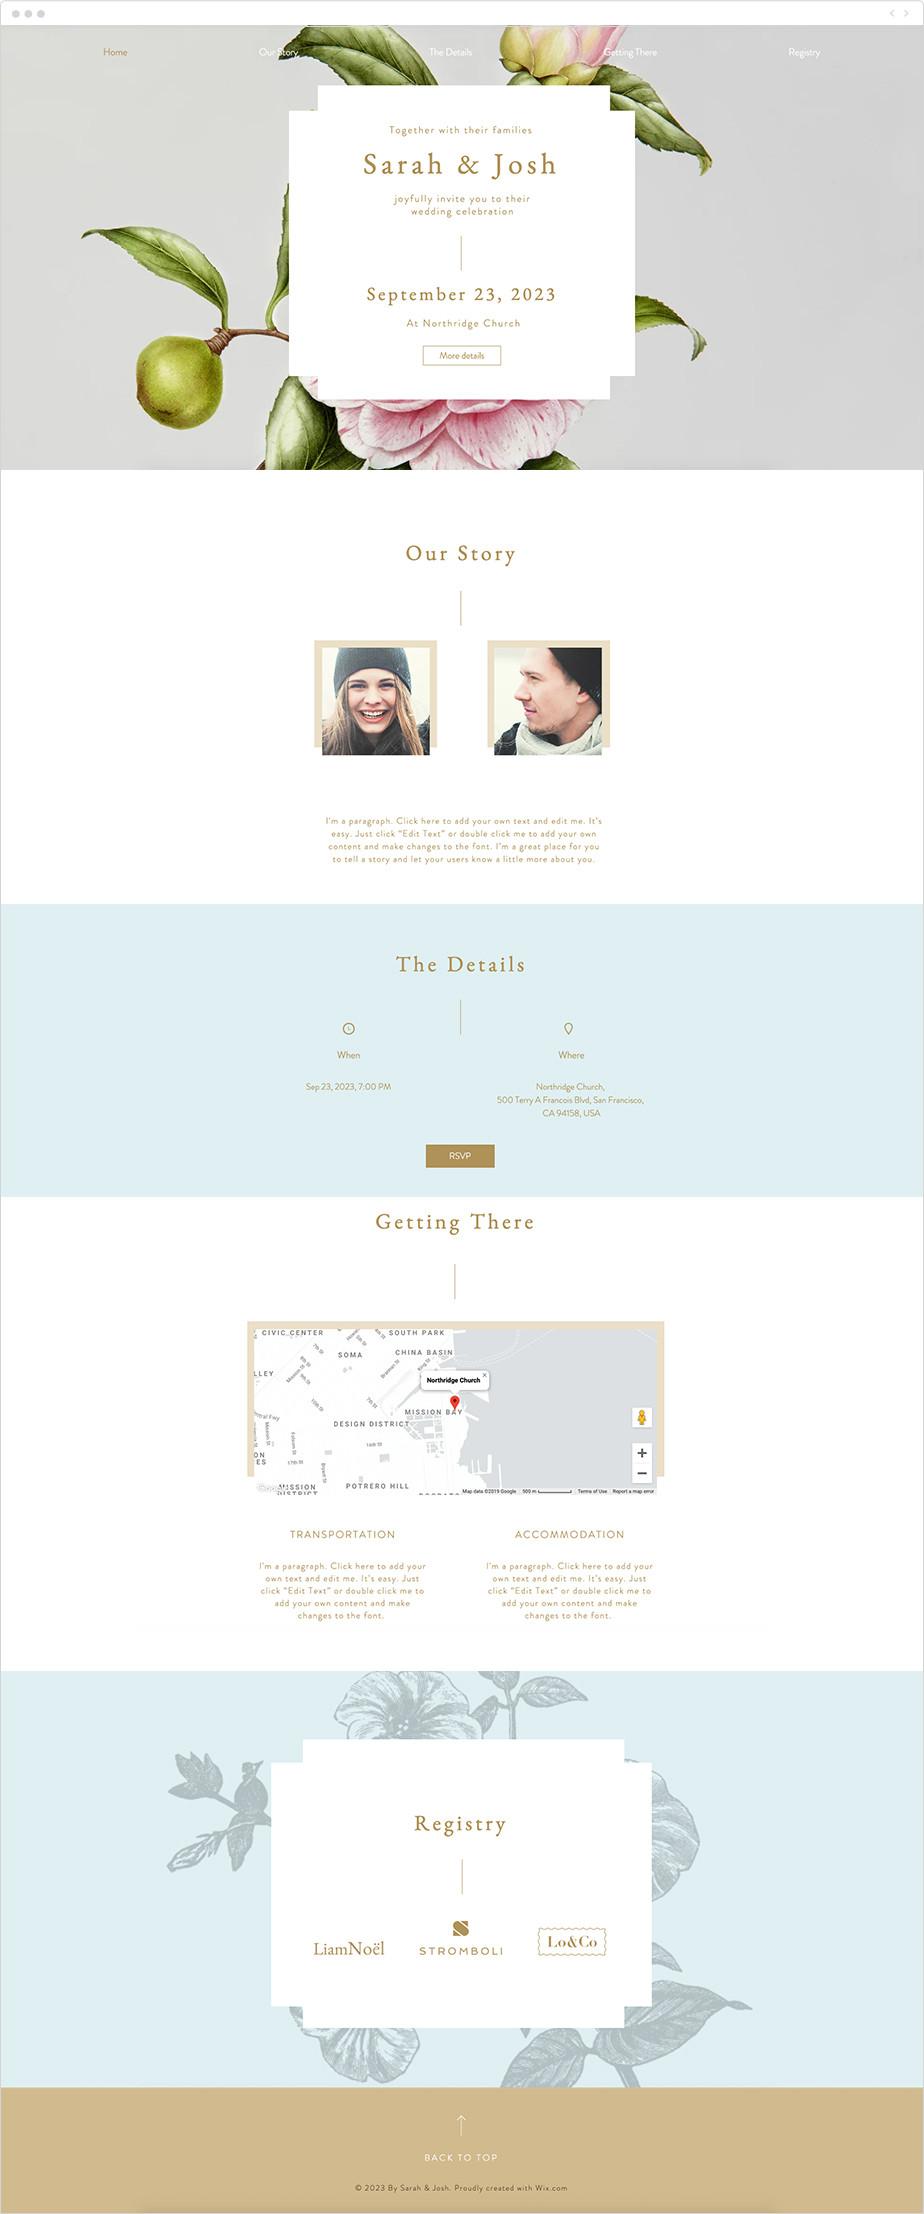 Plantilla web Wix para página web de boda romántica